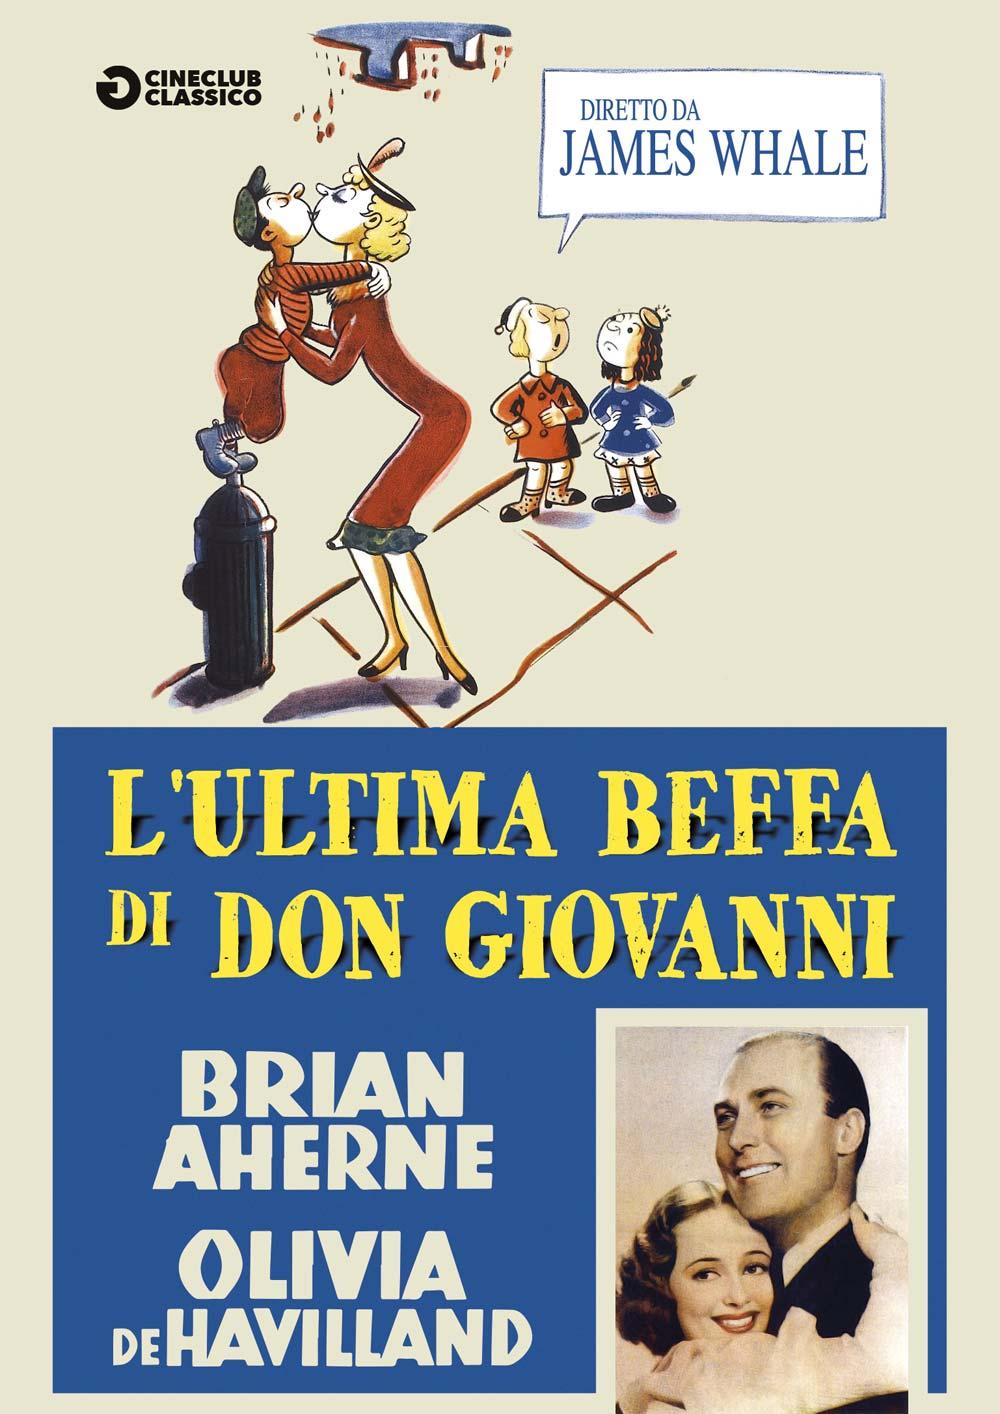 L'ULTIMA BEFFA DI DON GIOVANNI (DVD)